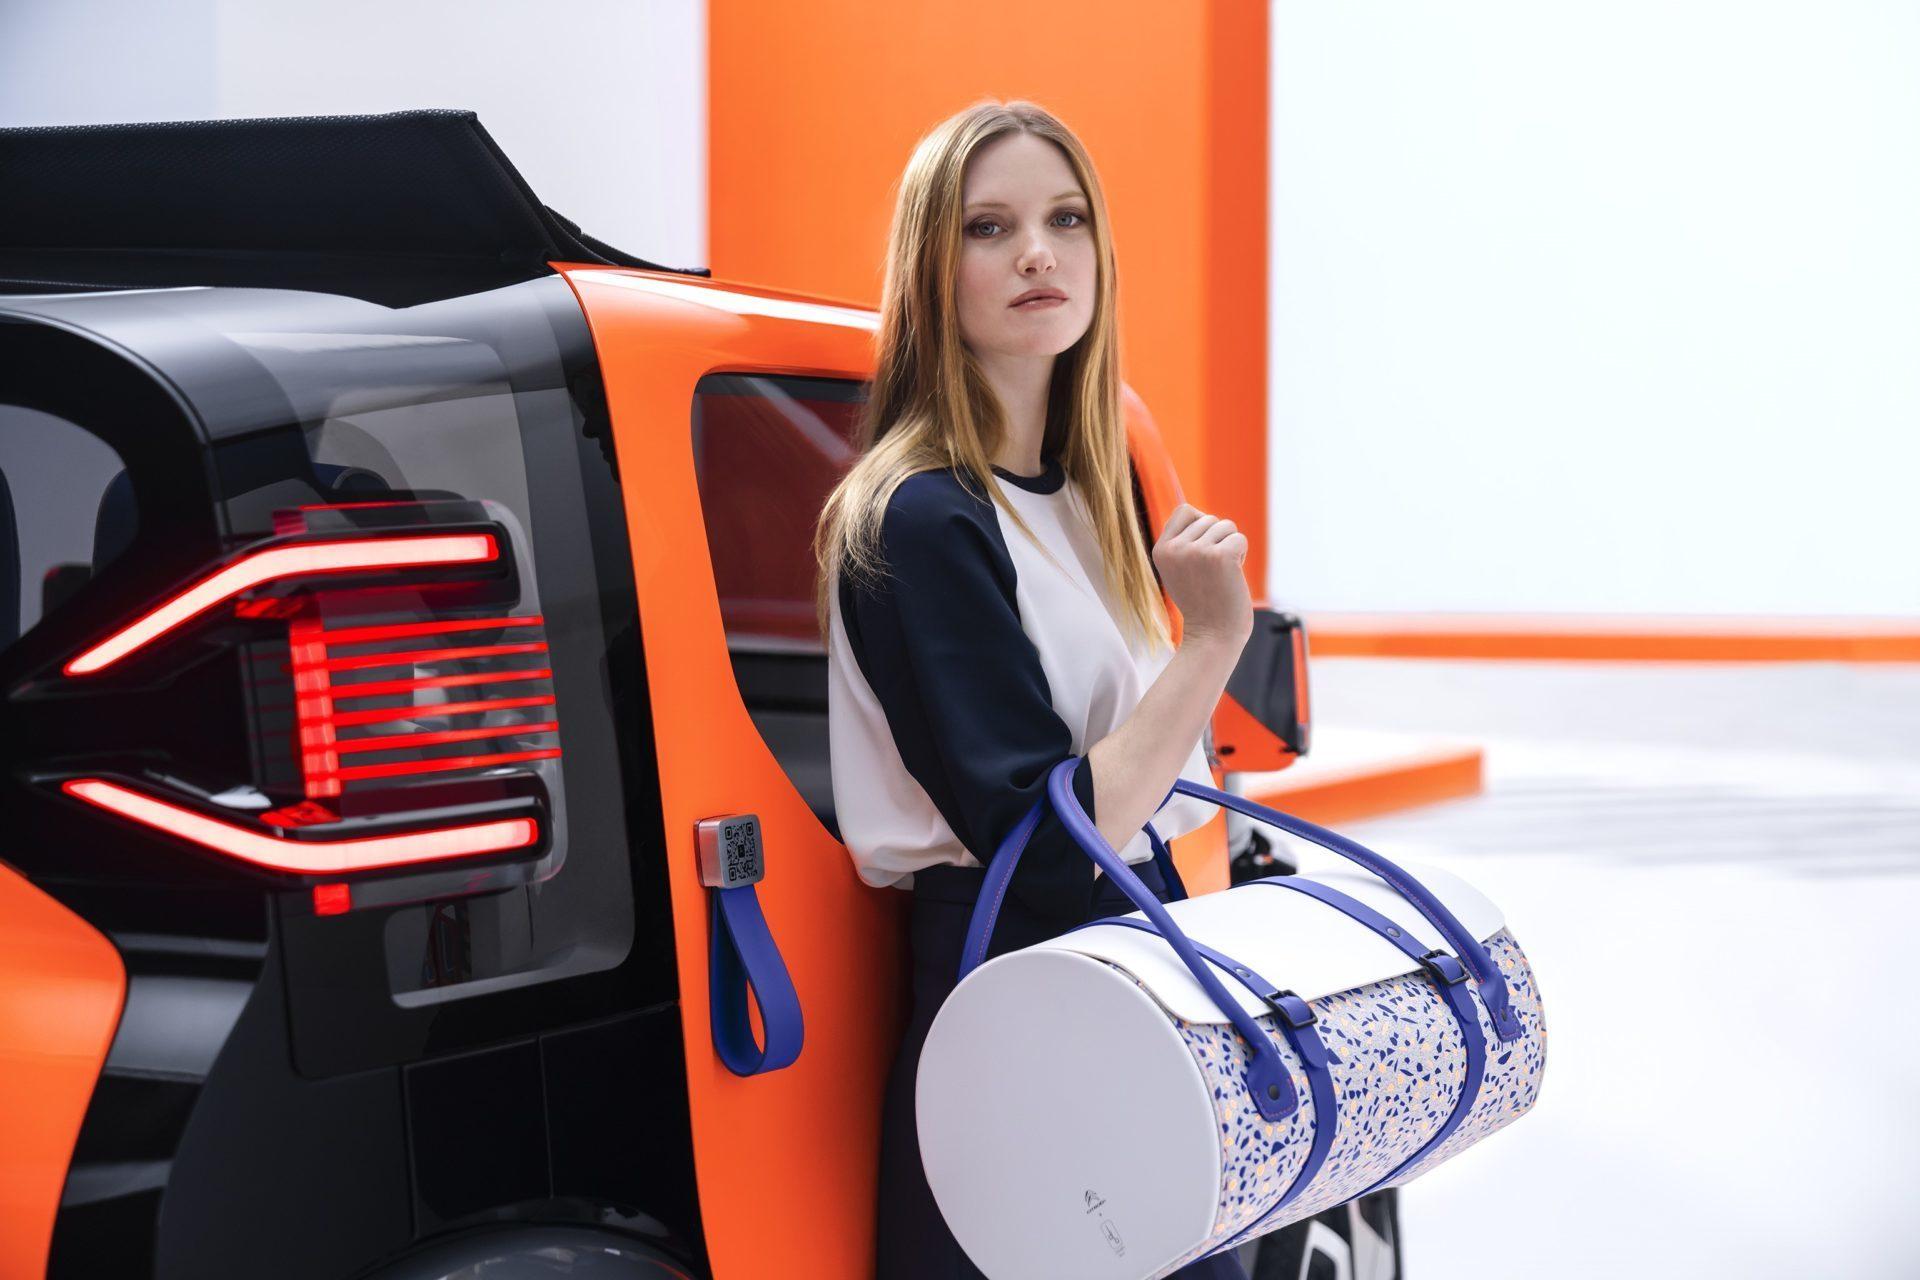 Sac de voyage en et bois, collaboration Citroën pour Ami One Concept